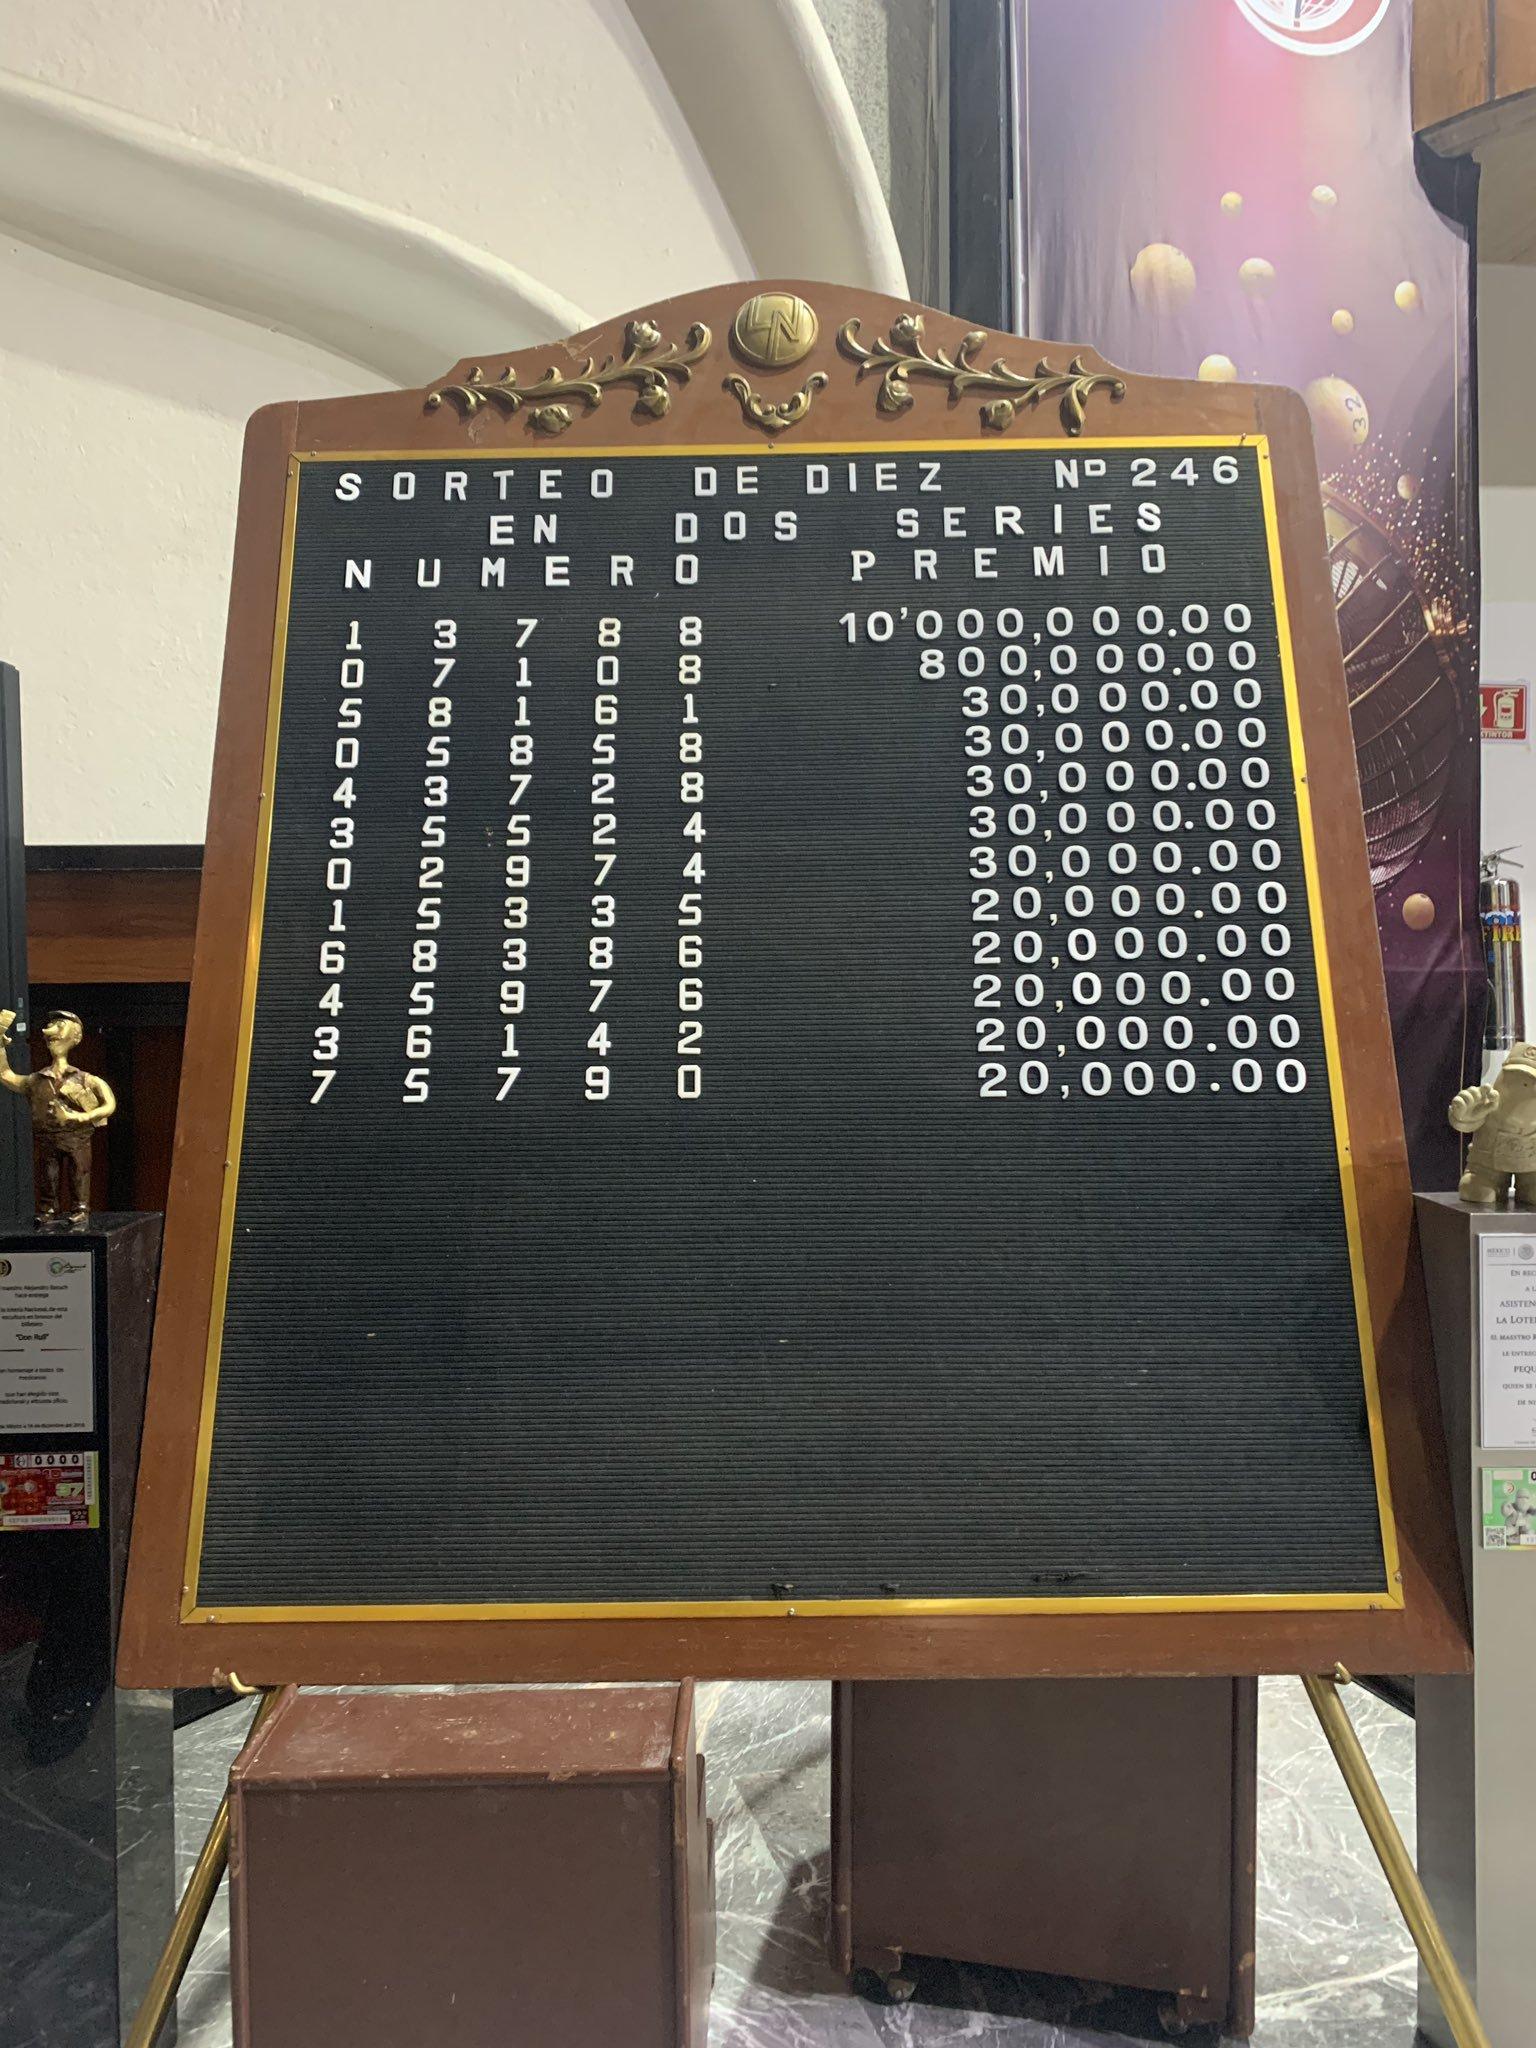 Resultados sorteo diez 246